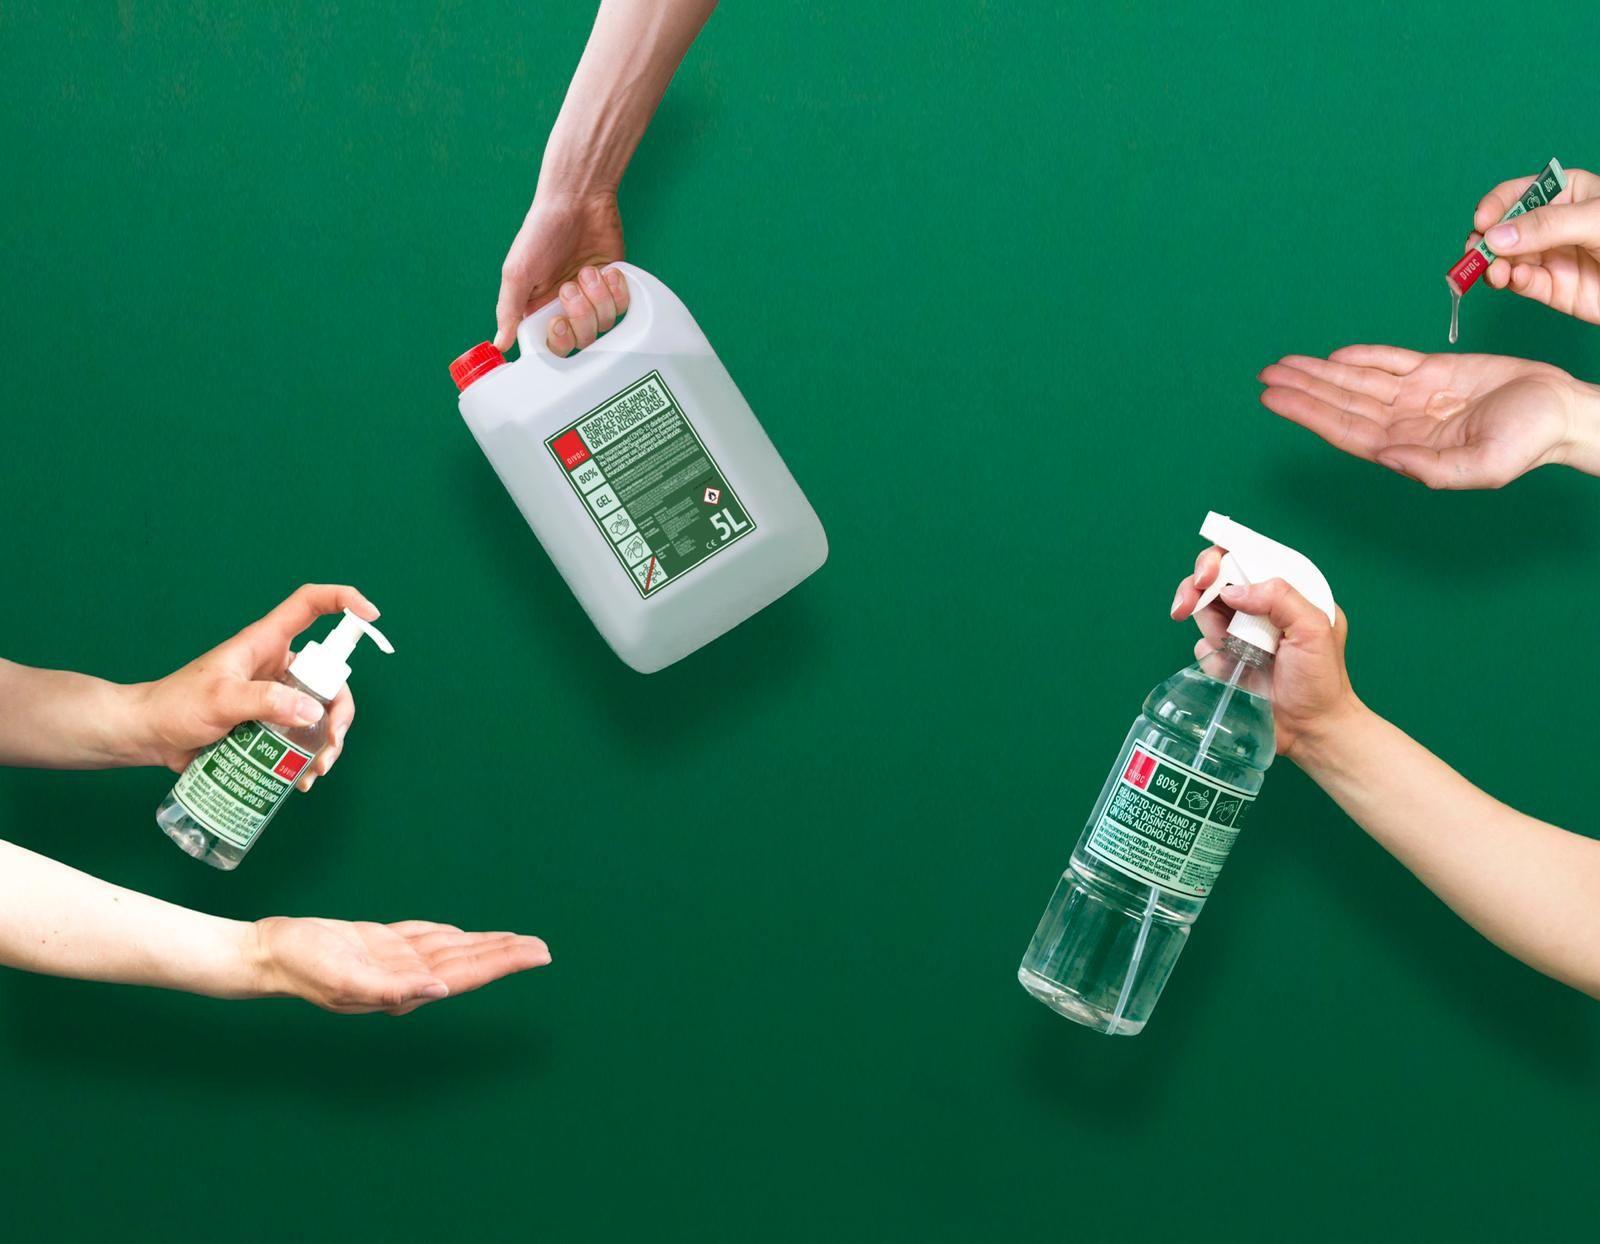 Import 80% Alcohol Based Sanitizer from Latvia